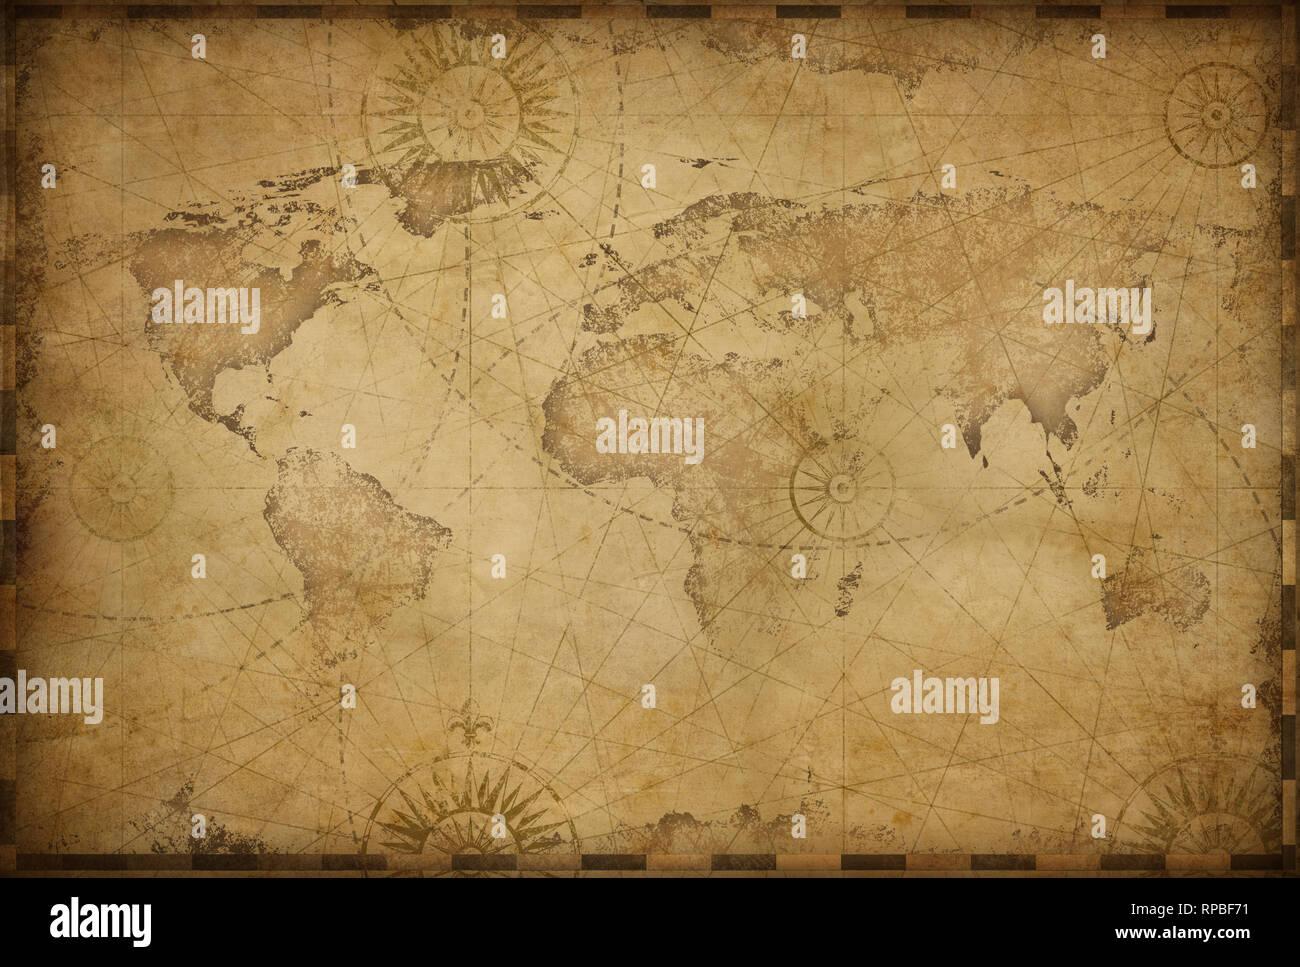 Vintage old world map illustration based on image furnished by NASA ...